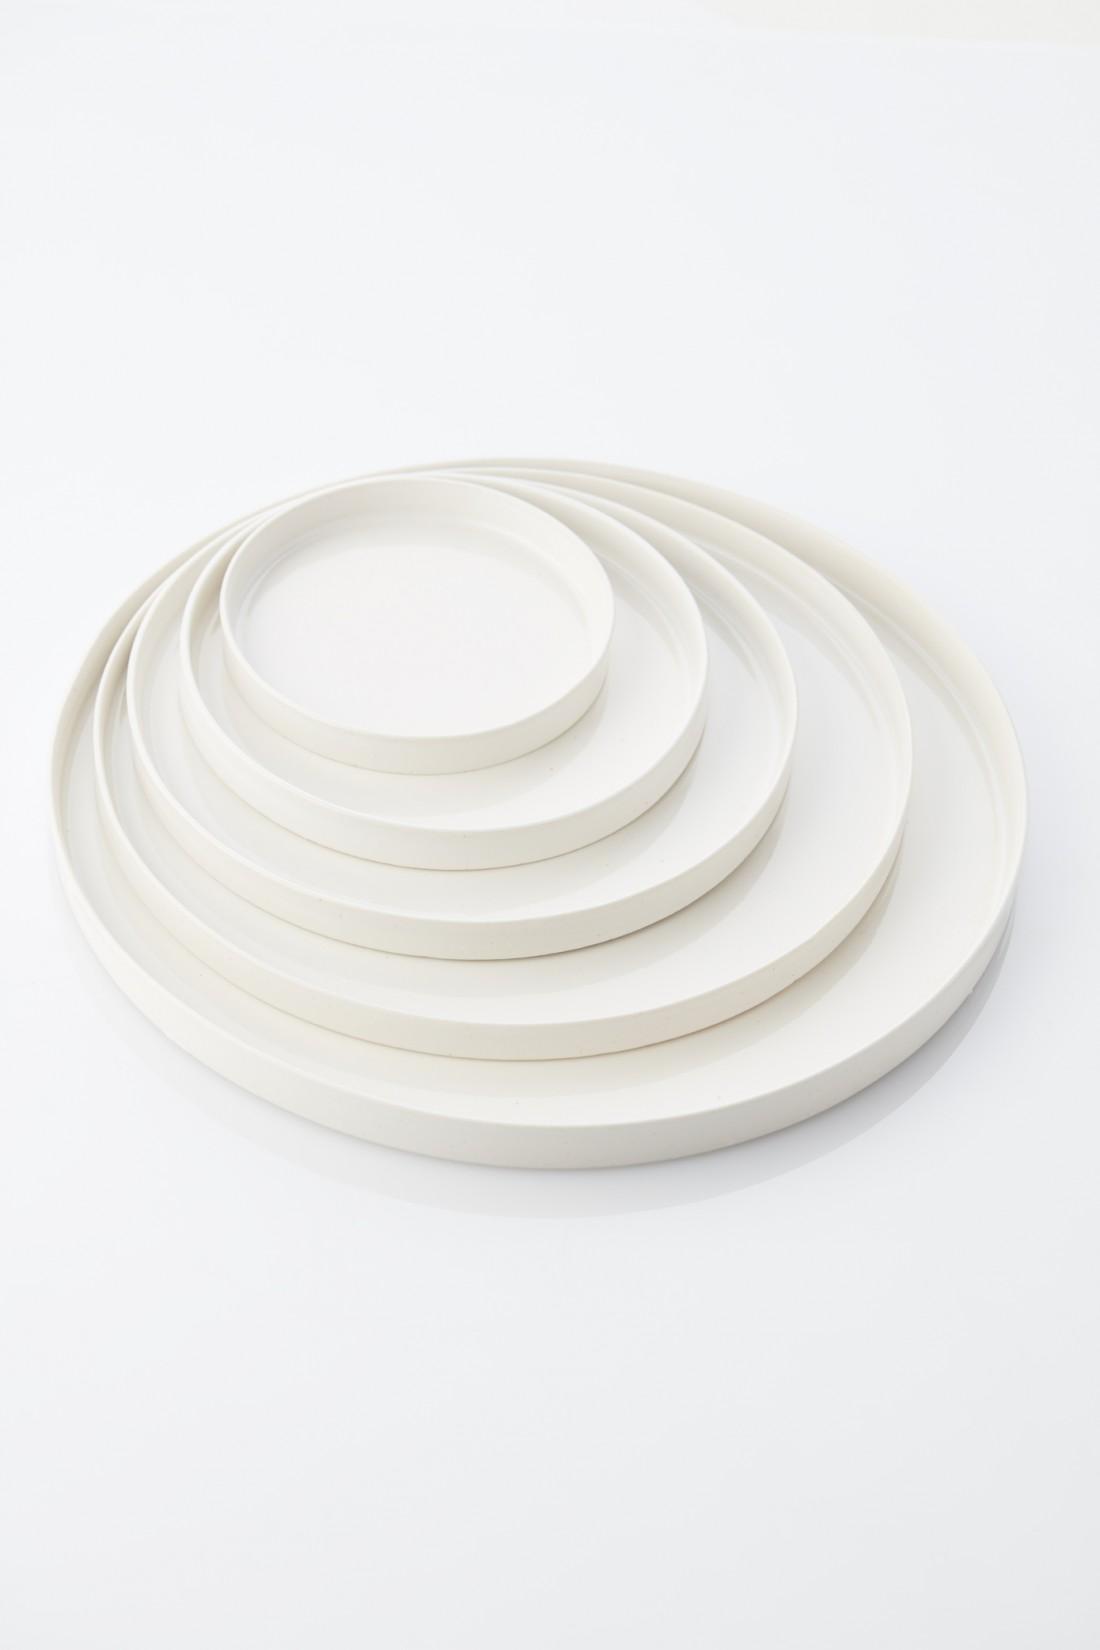 True white - 5 plates